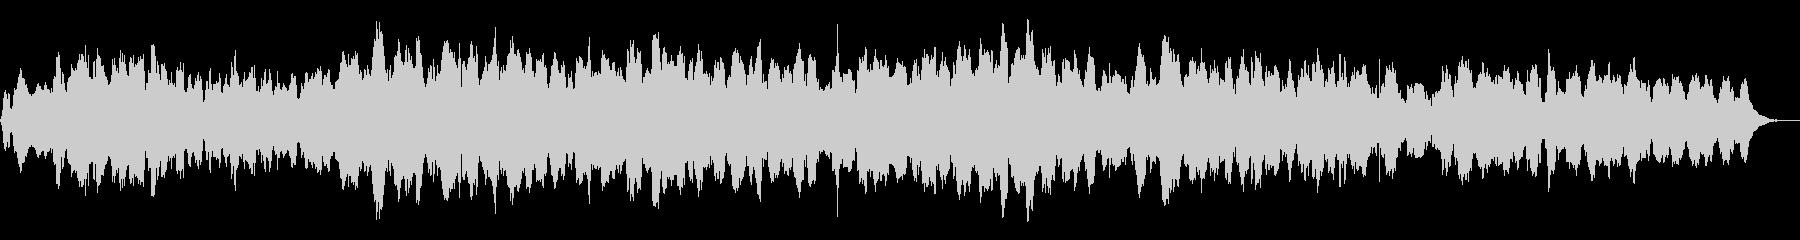 ソルフェジオ周波数を用いたヒーリング曲の未再生の波形